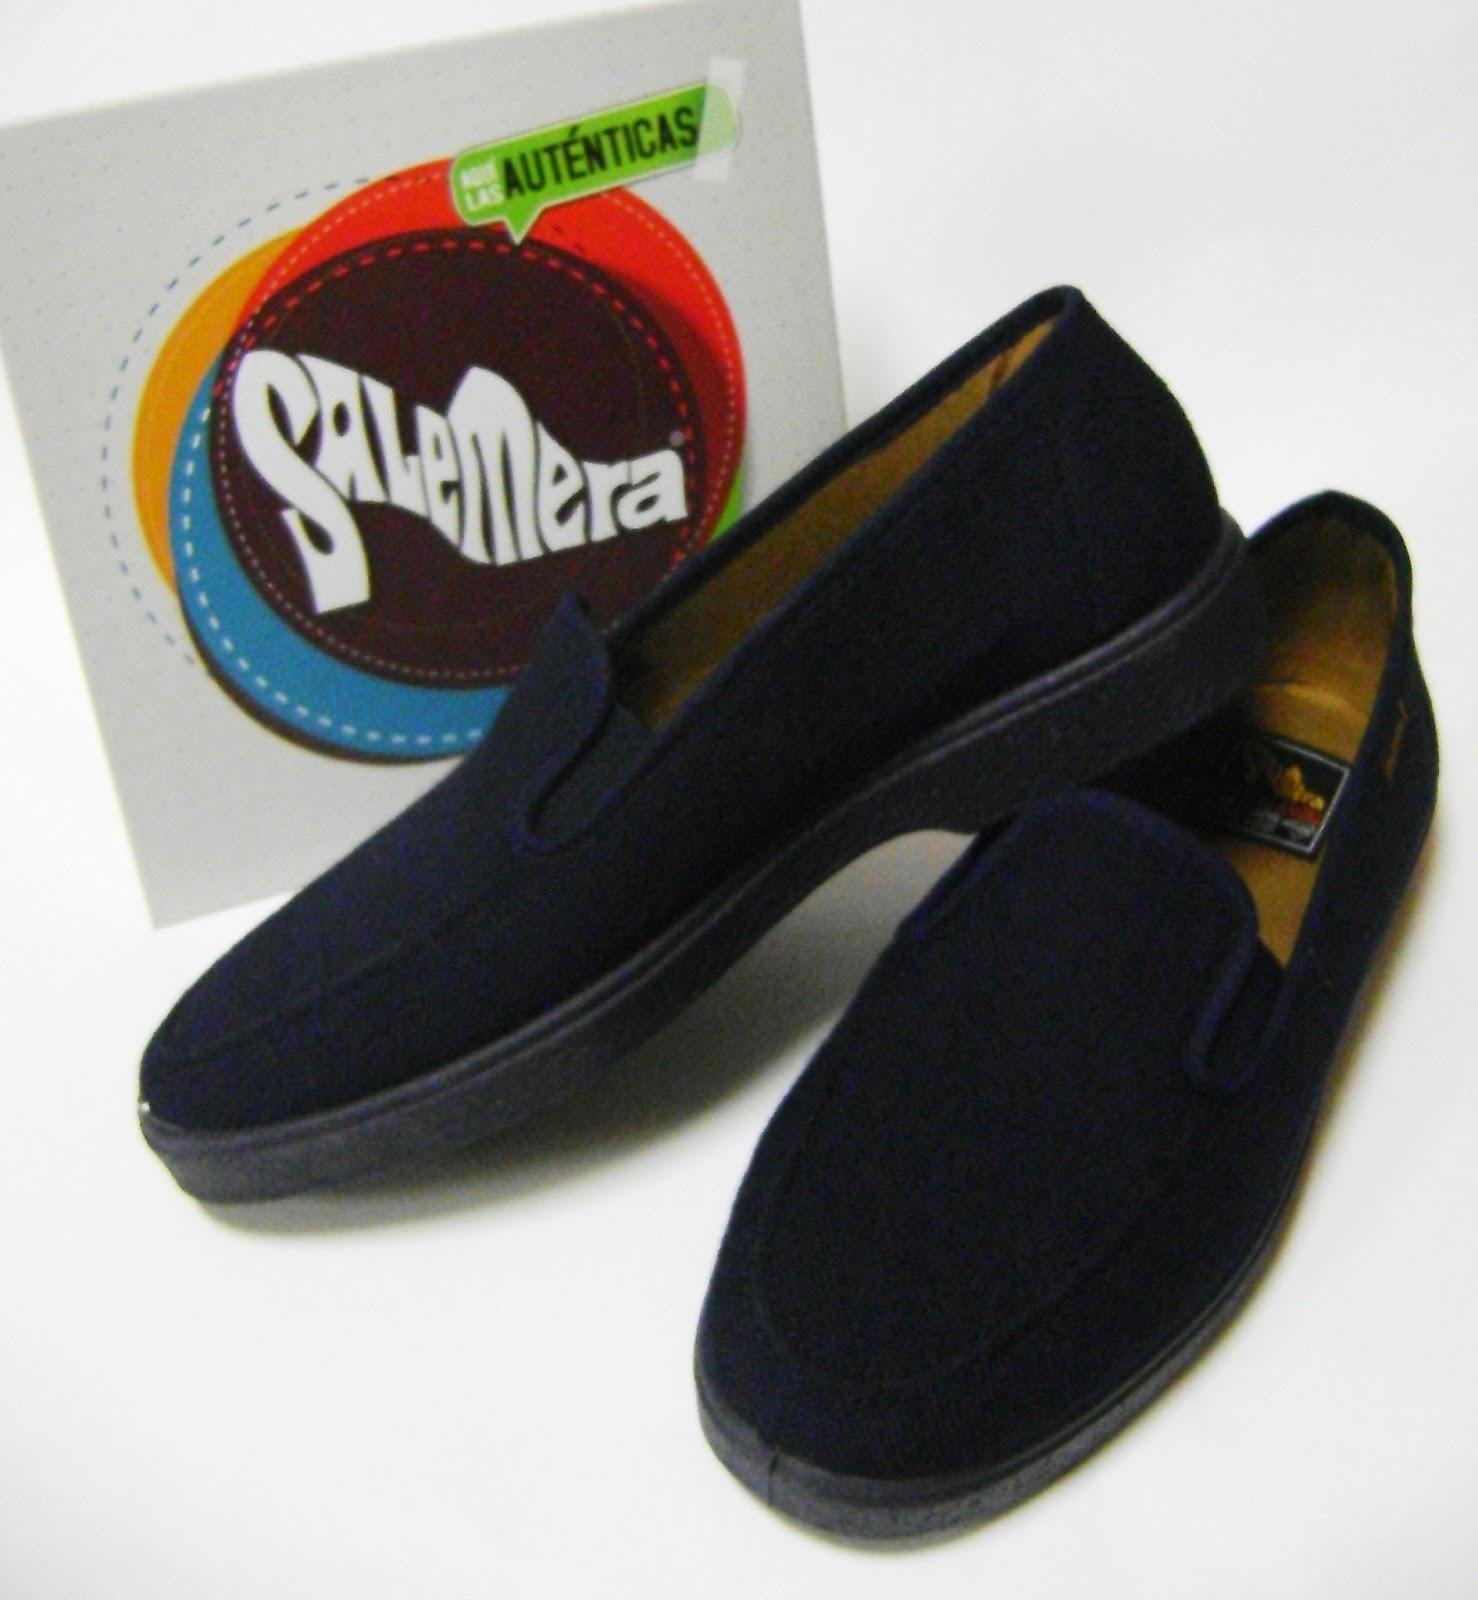 Zapatillas Lacoste de hombre La mejor Zalando - imagenes de zapatillas de hombre